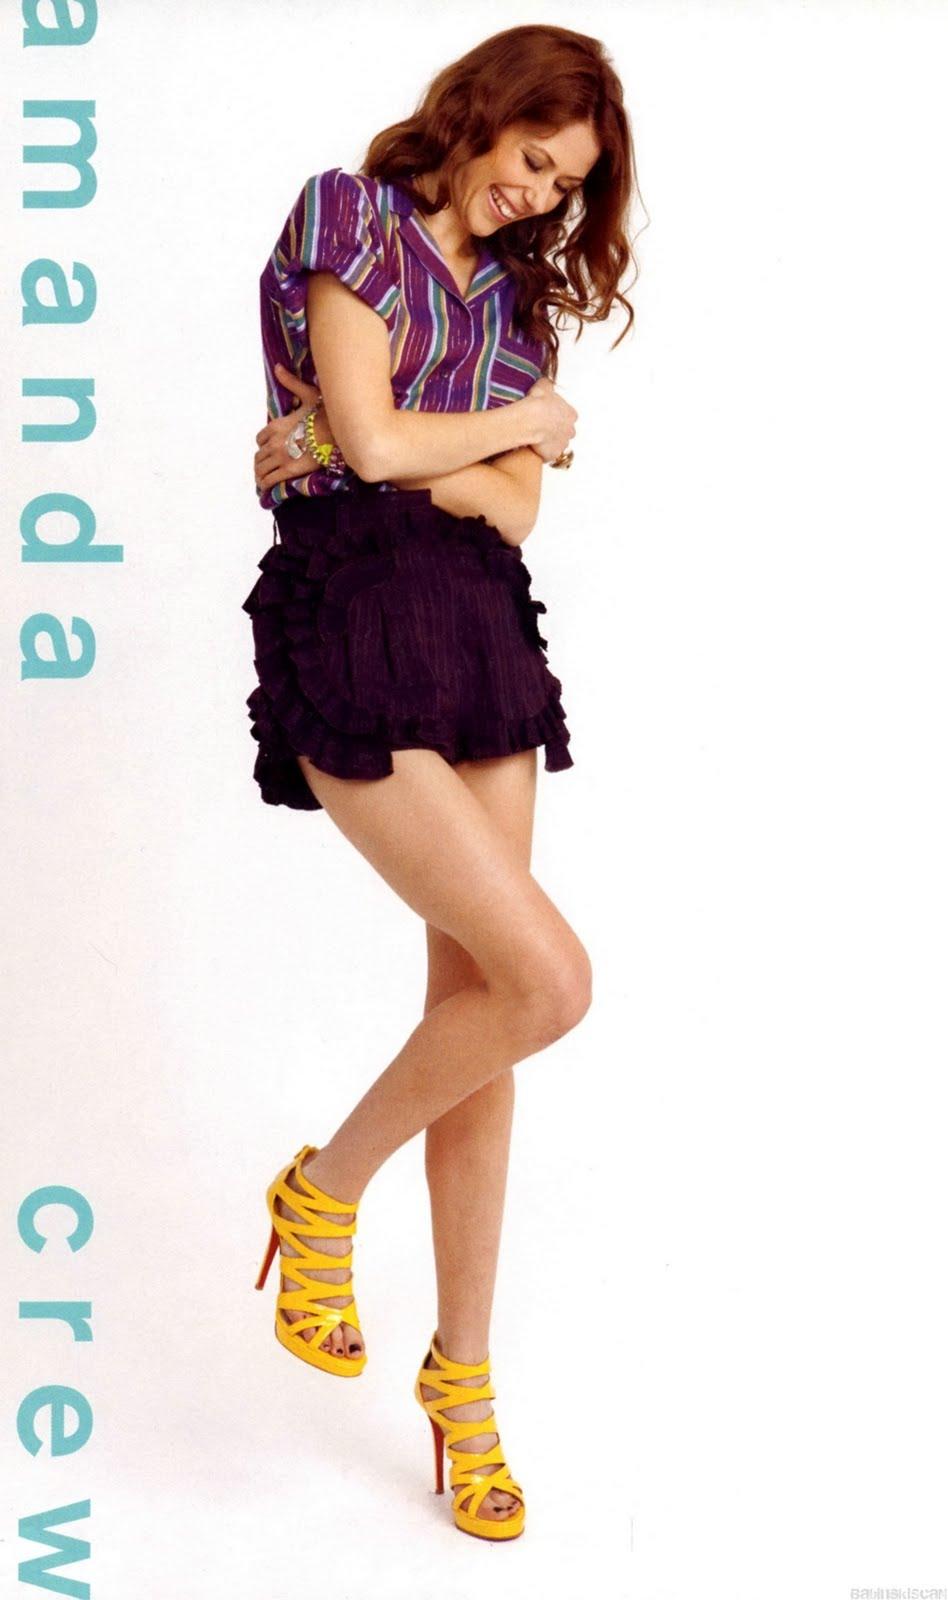 milf in very short skirt